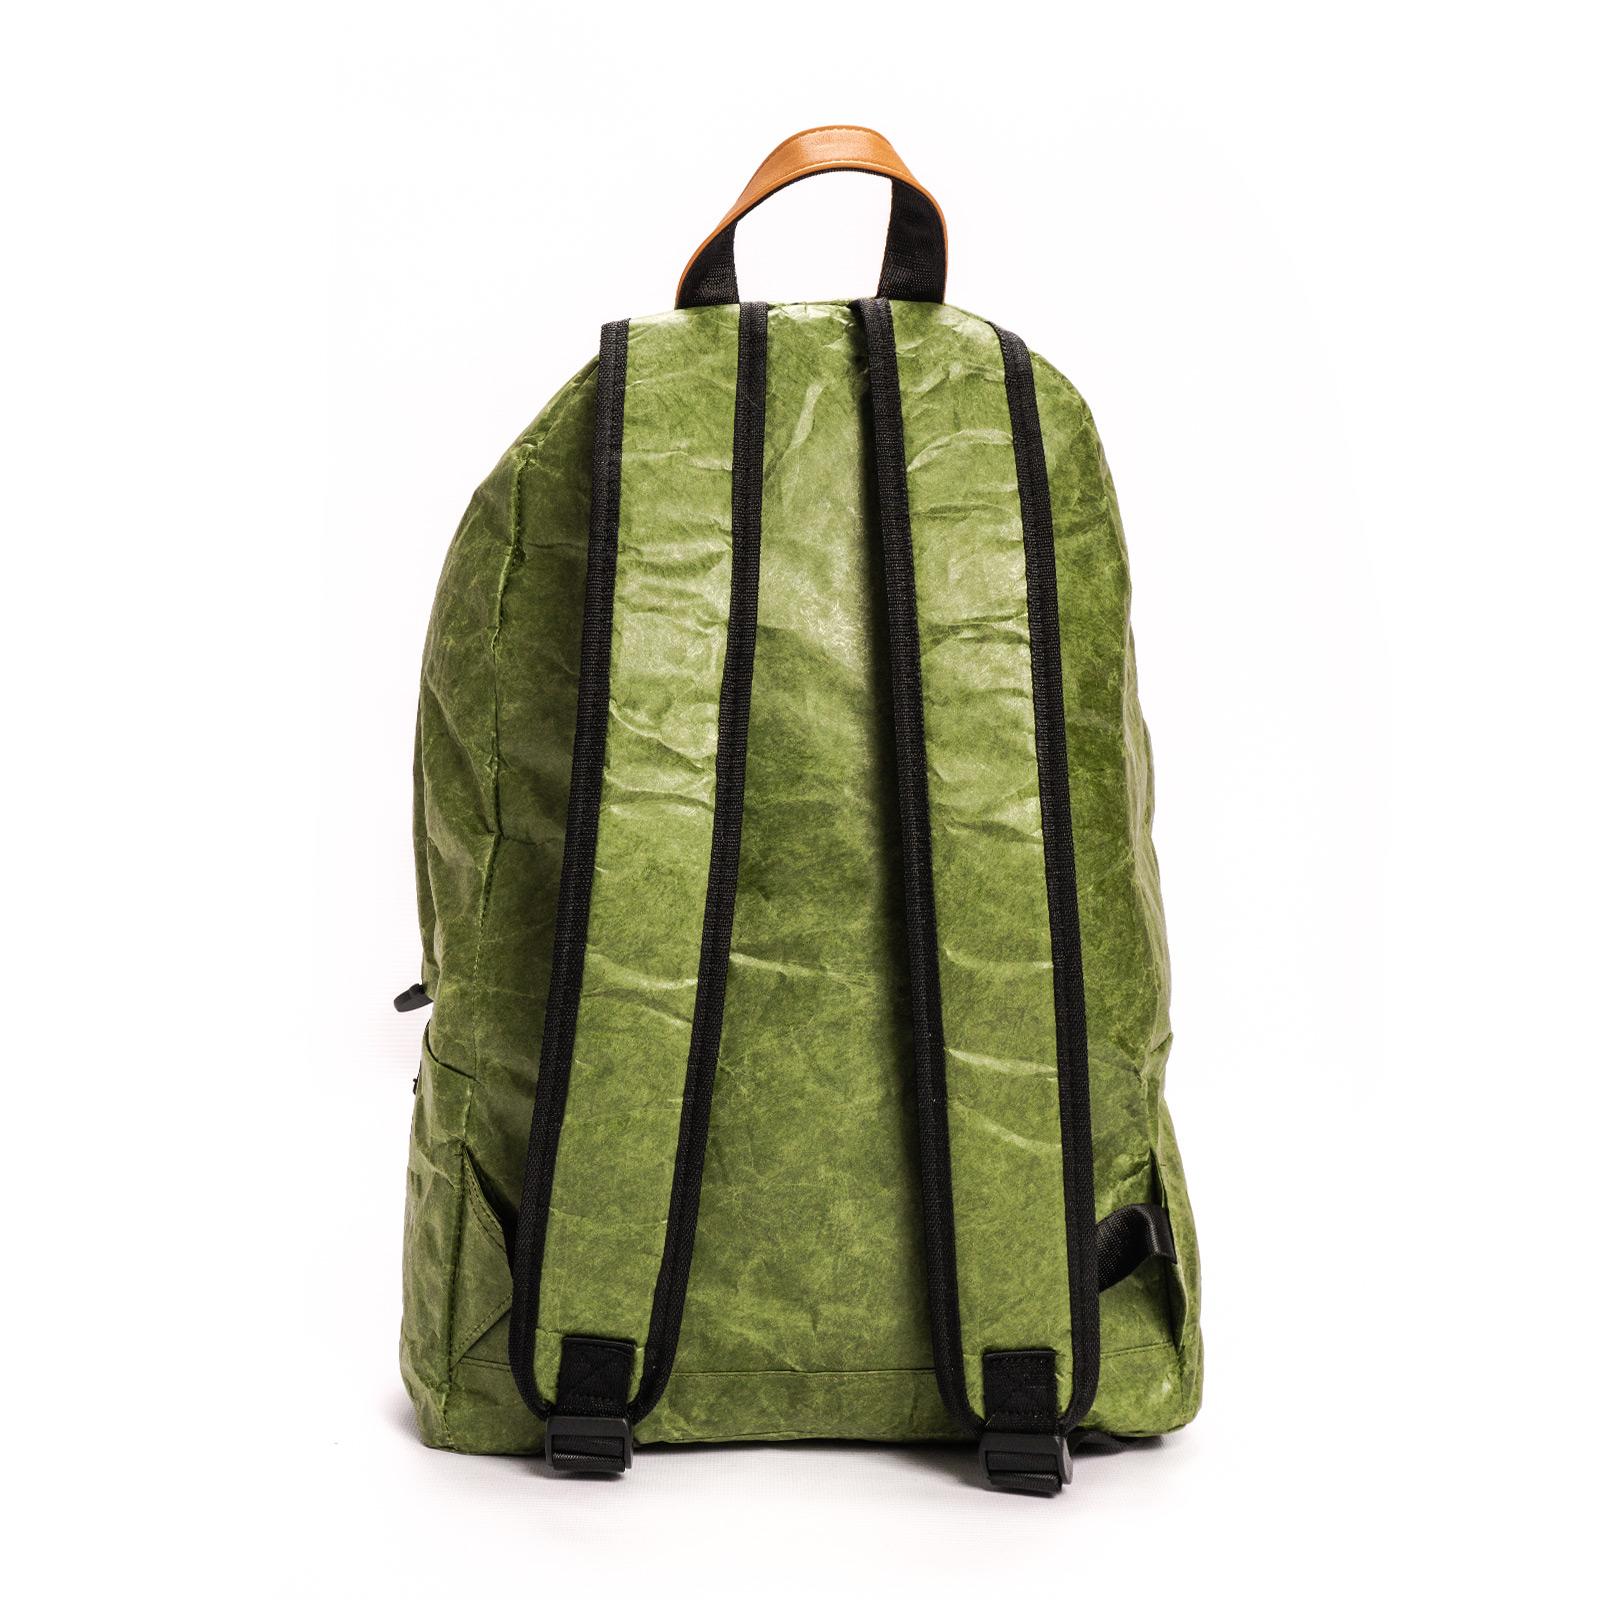 Zielony plecak z tyveku Papierowy Podróżnik z papieru - Napnap